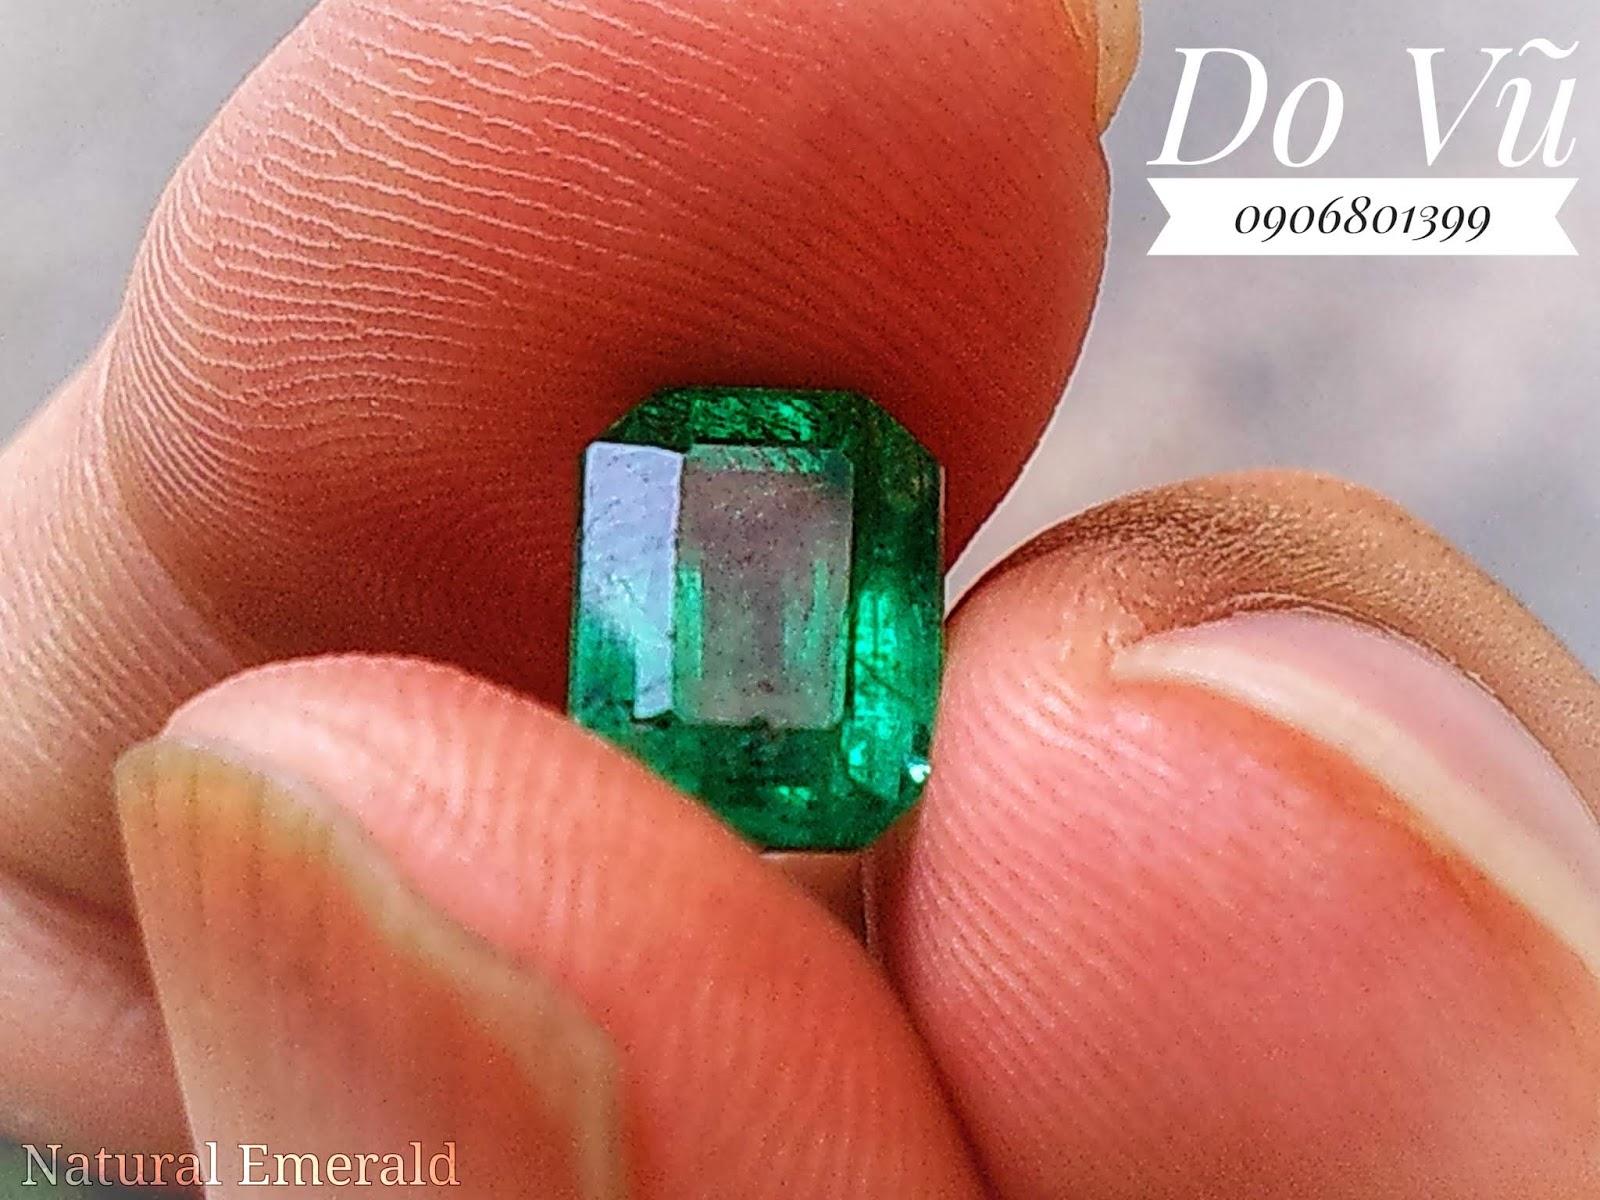 Đá quý Ngọc Lục Bảo thiên nhiên, Natural Emerald chất ngọc kính, xanh chuẩn, lửa mạnh( 15/04/20, 03 )